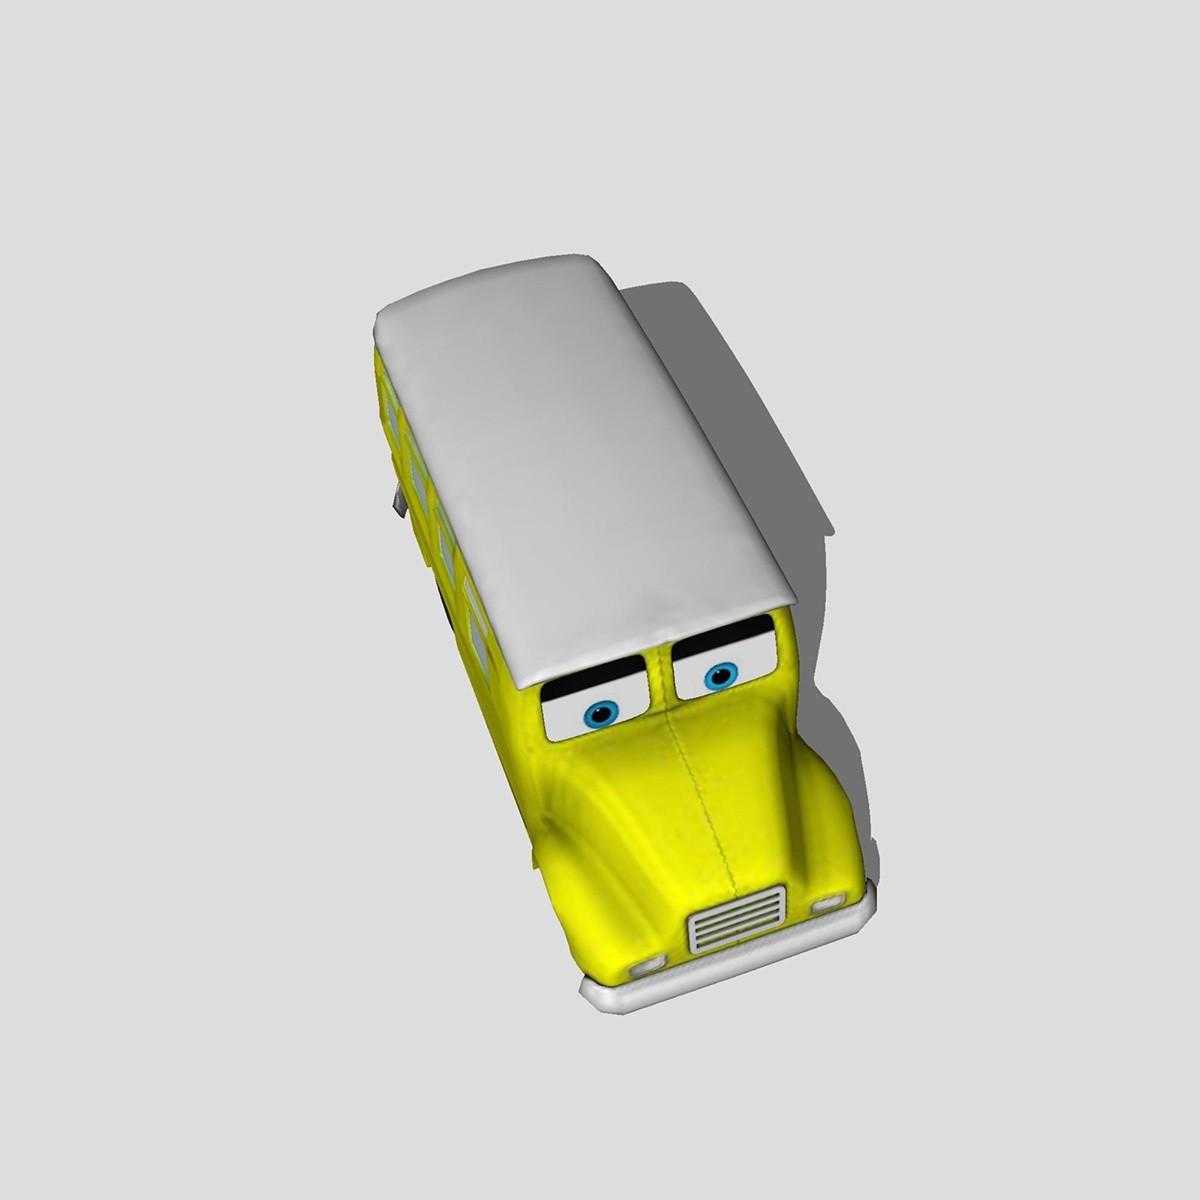 transport_pack_0002.jpg Download STL file School Bus • 3D printer design, scifikid